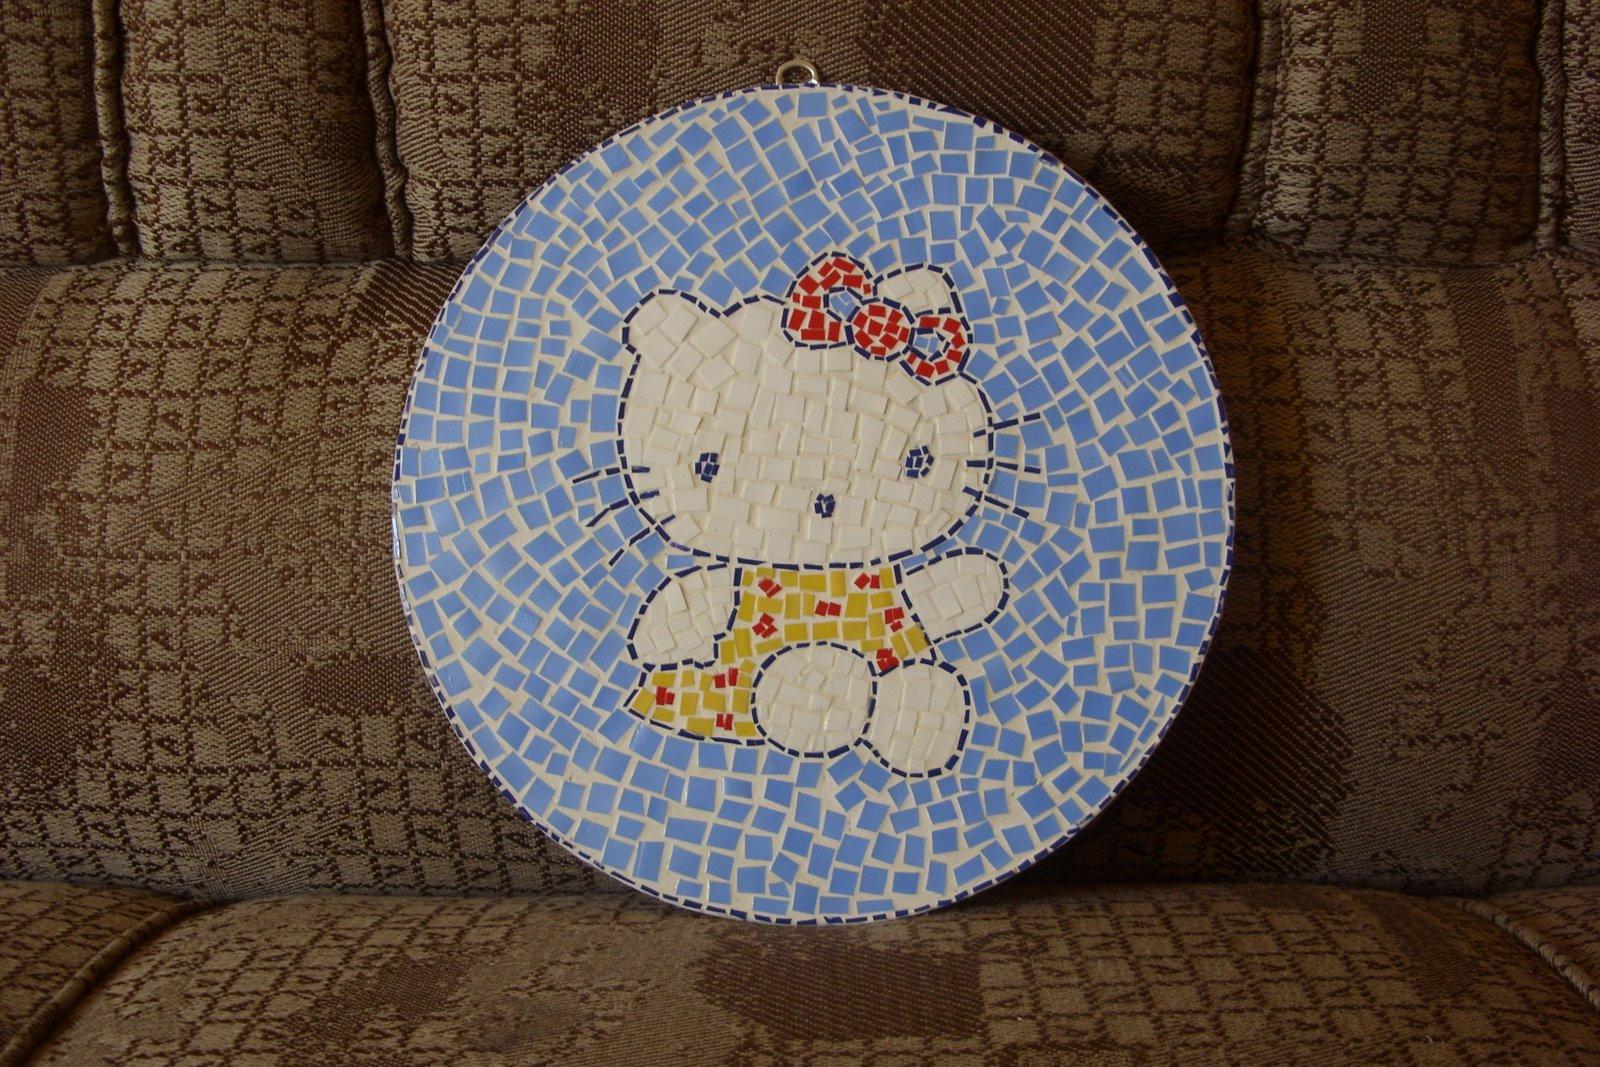 http://3.bp.blogspot.com/_fBY07WDMmrE/TDXjJLrHzFI/AAAAAAAAnd4/ISJPSfZppZI/s1600/mosaico+de+vinil+com+pet.JPG